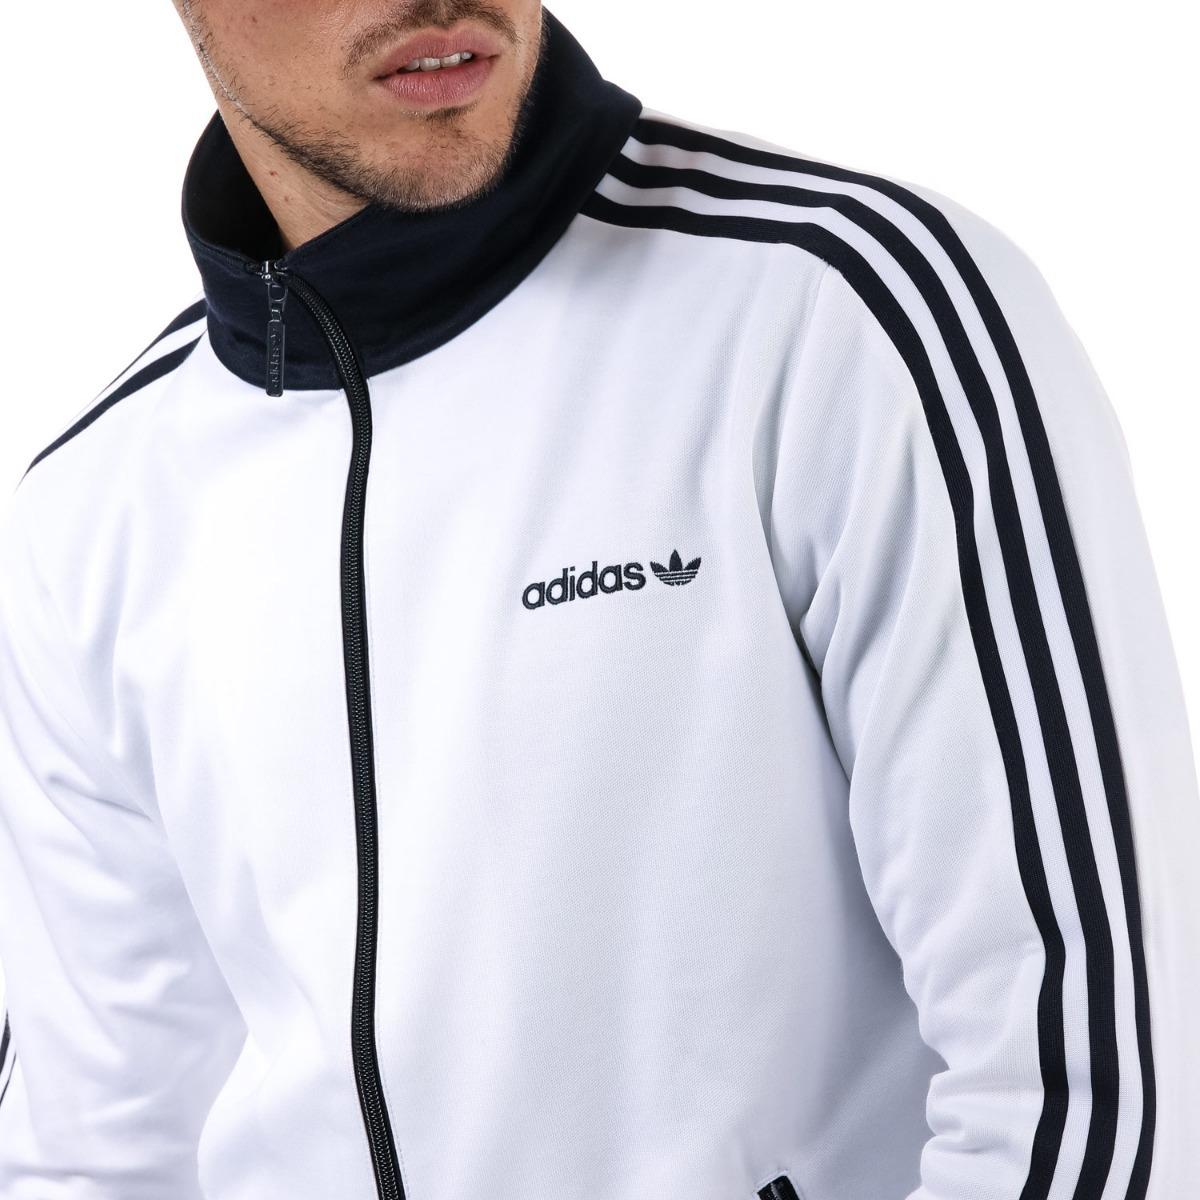 obtener online materiales de alta calidad estilos clásicos Sudadera adidas Hombre Blanca Bbtracktop Br2296 - $ 1,199.00 en ...